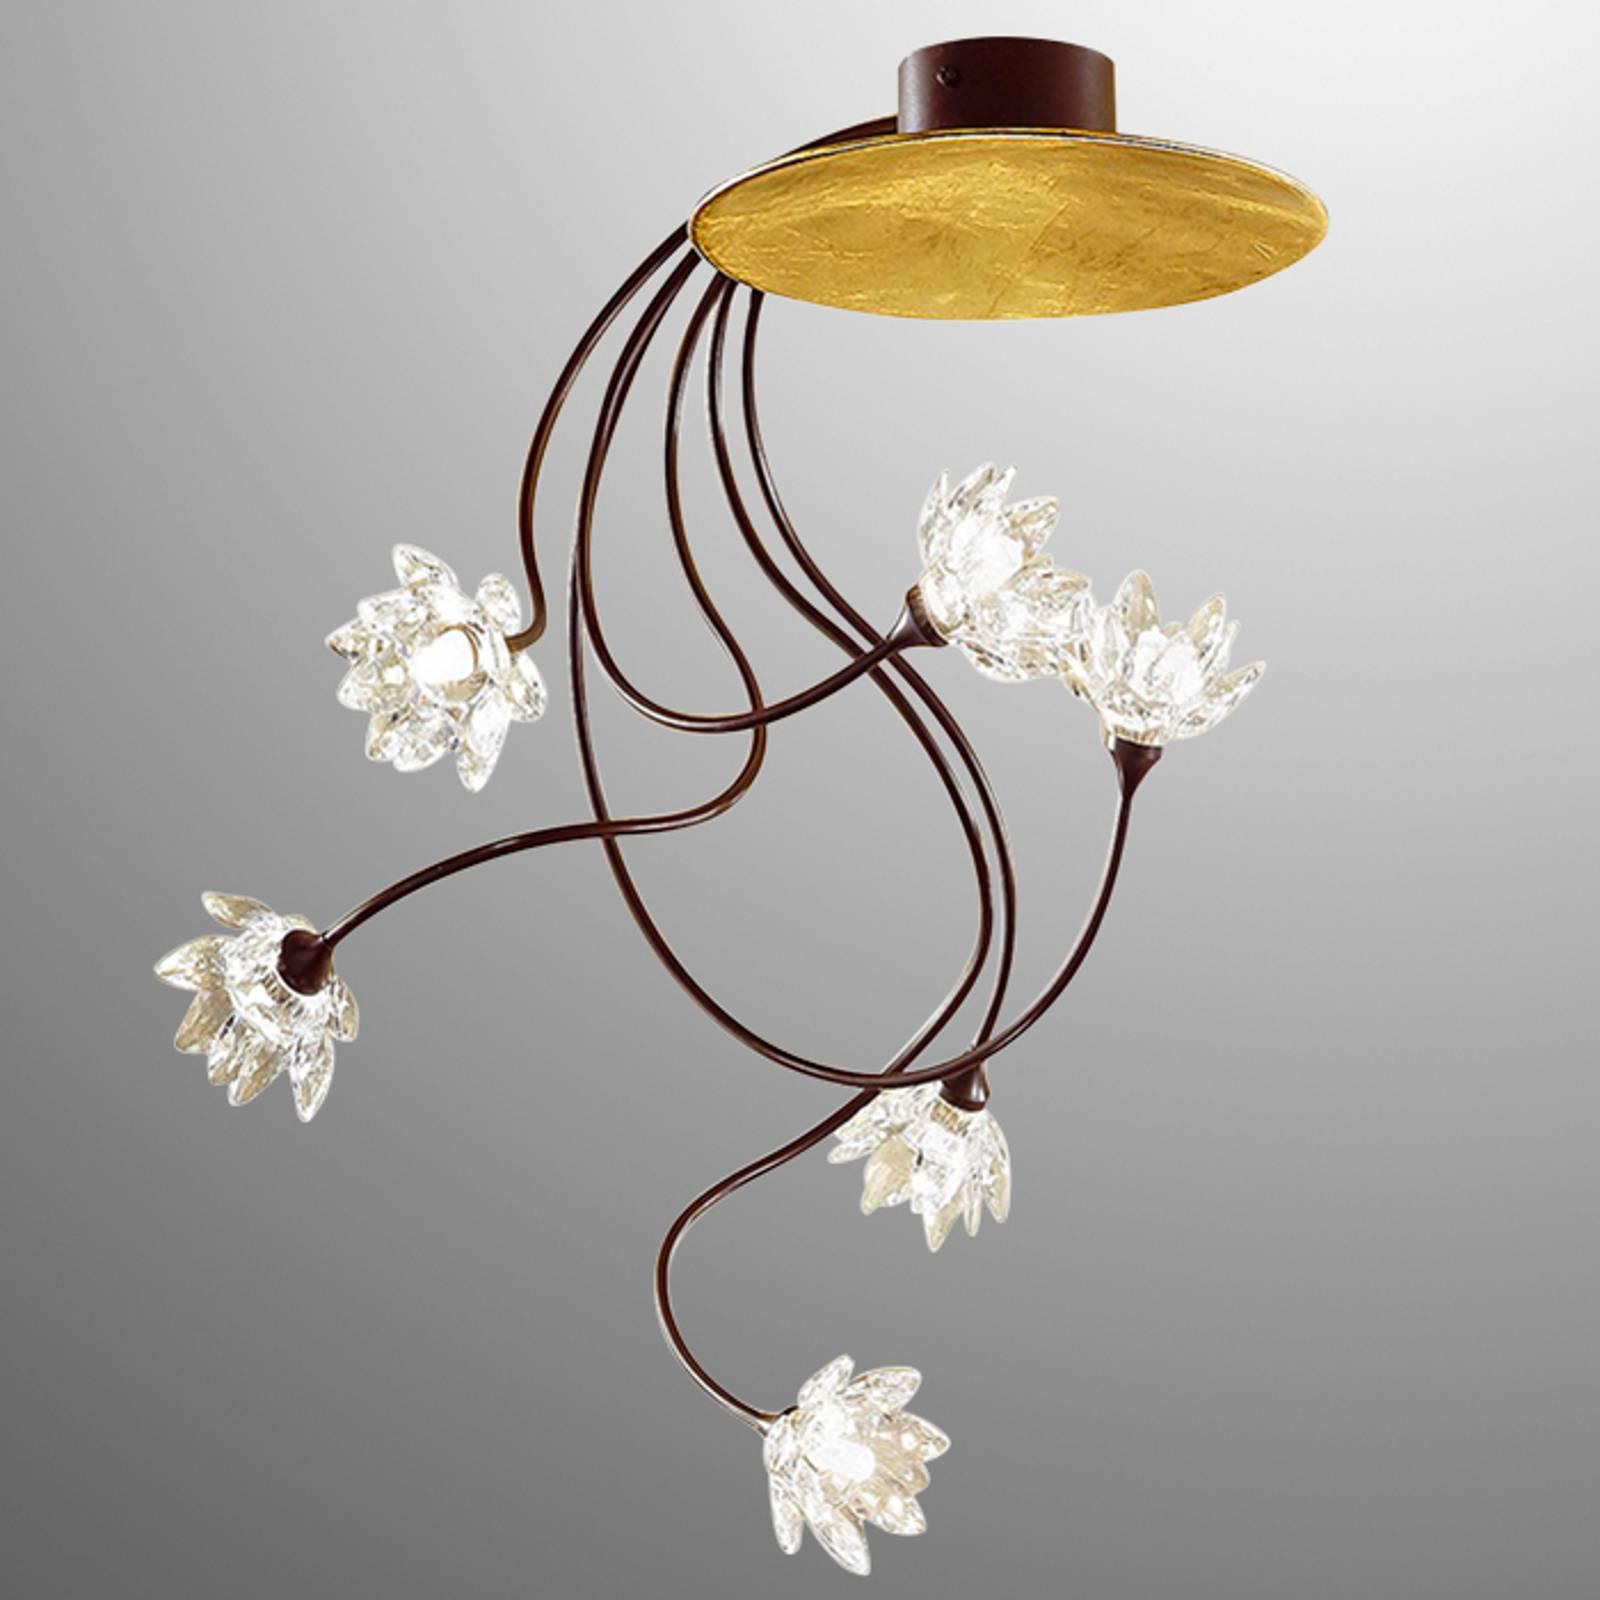 Kukikas FIORELLA-kattovalaisin 6 lamppua, kirkas